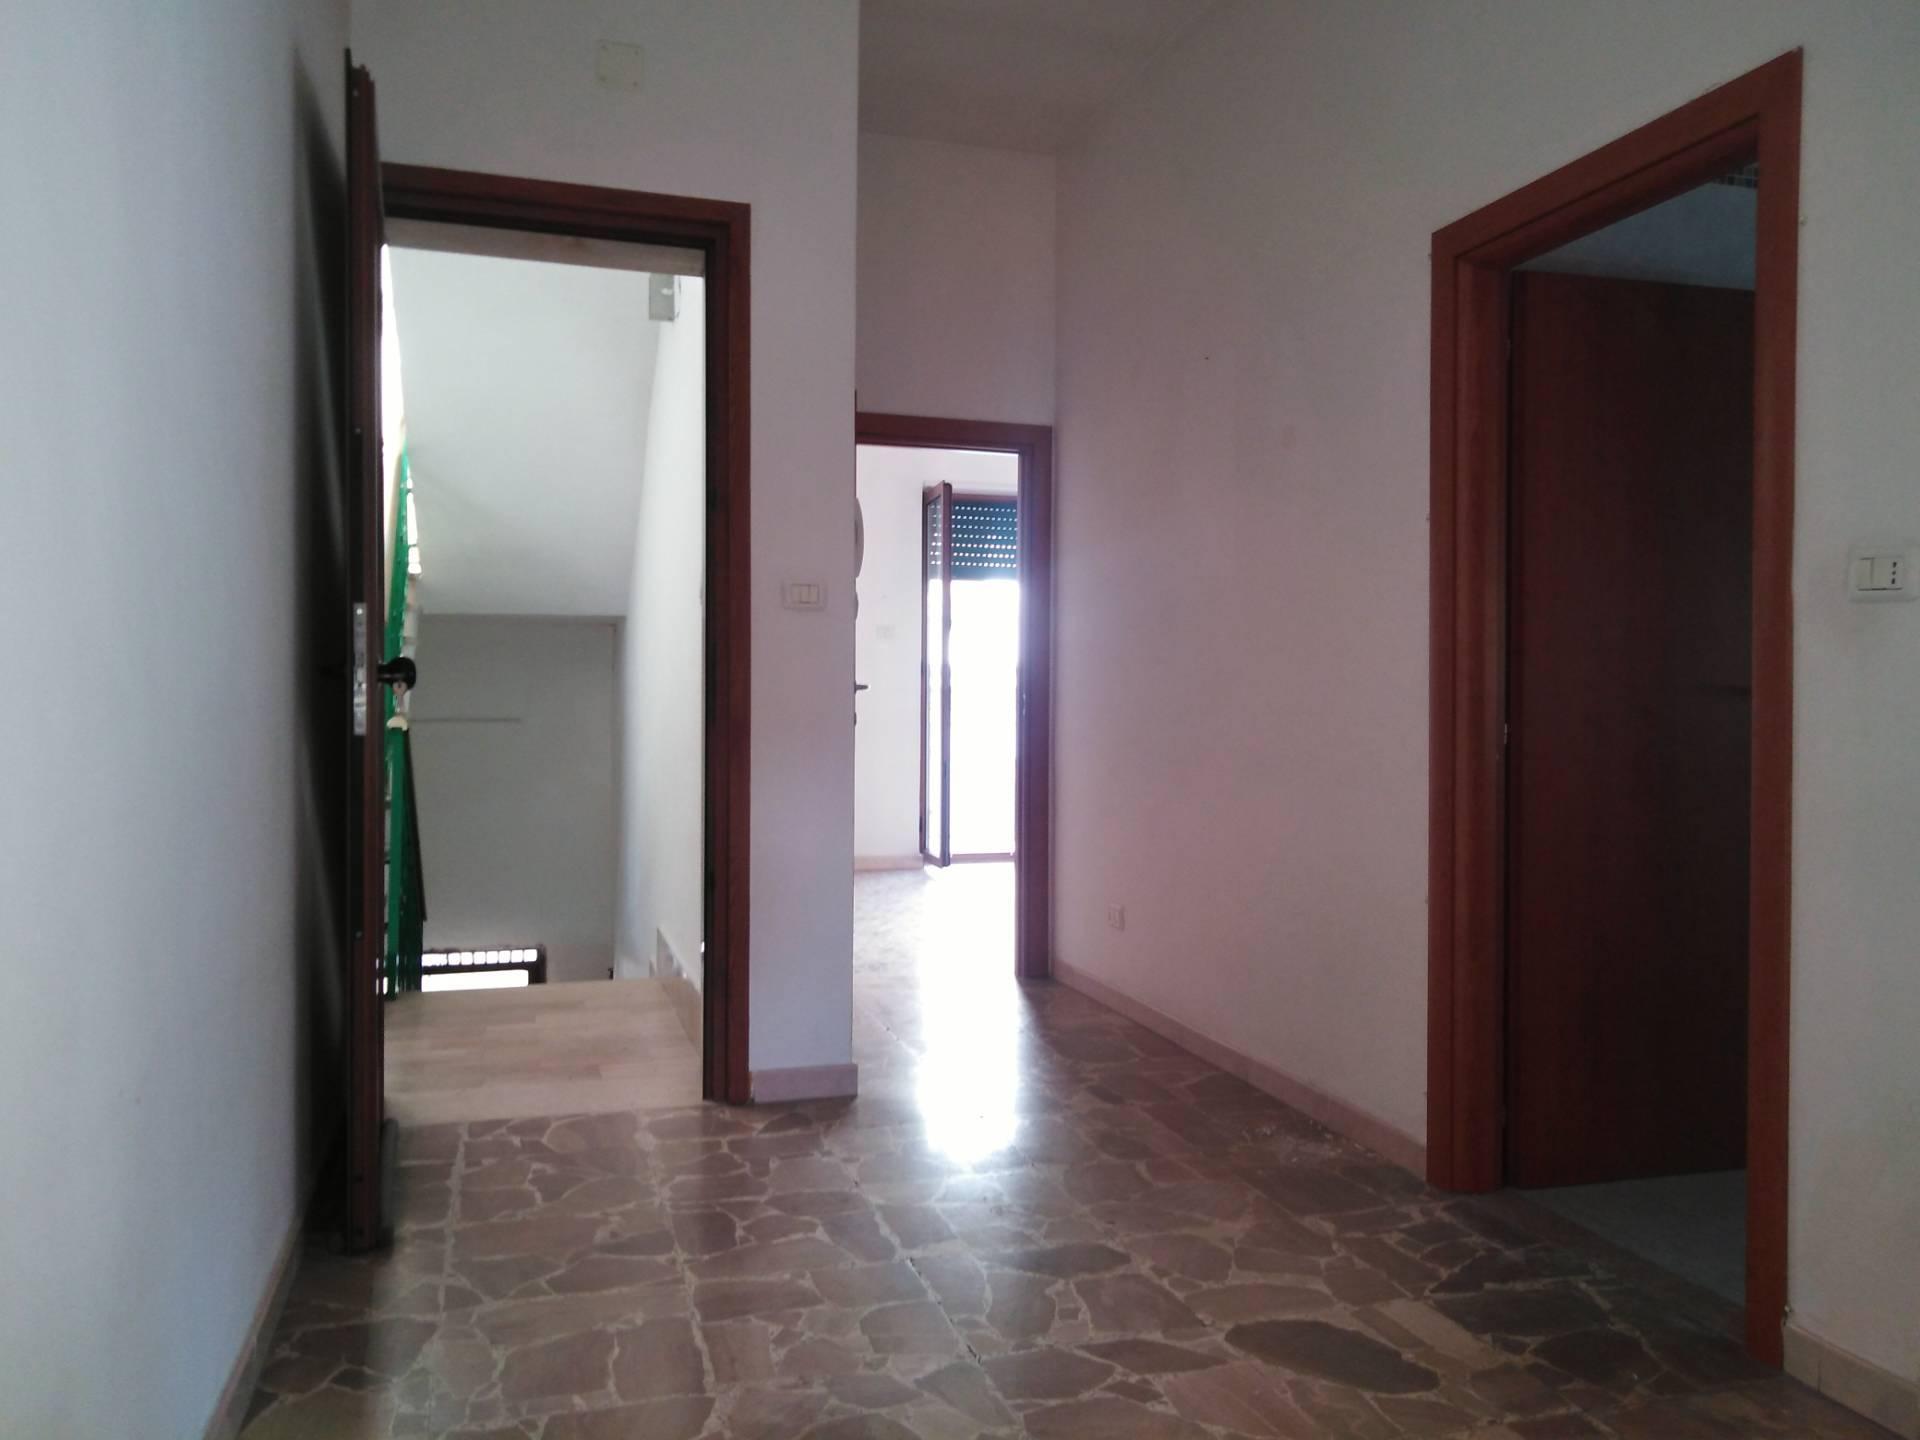 Appartamento in vendita a Ischitella, 4 locali, zona Località: ViaperRodieGrottadellaMadonna, prezzo € 75.000 | PortaleAgenzieImmobiliari.it